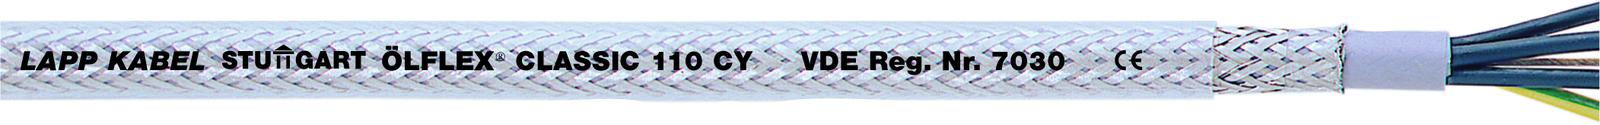 Lapp 1135104 ÖLFLEX CLASSIC 110 CY 4G0,75mm² Steuerleitung geschirmt ab 1 Meter